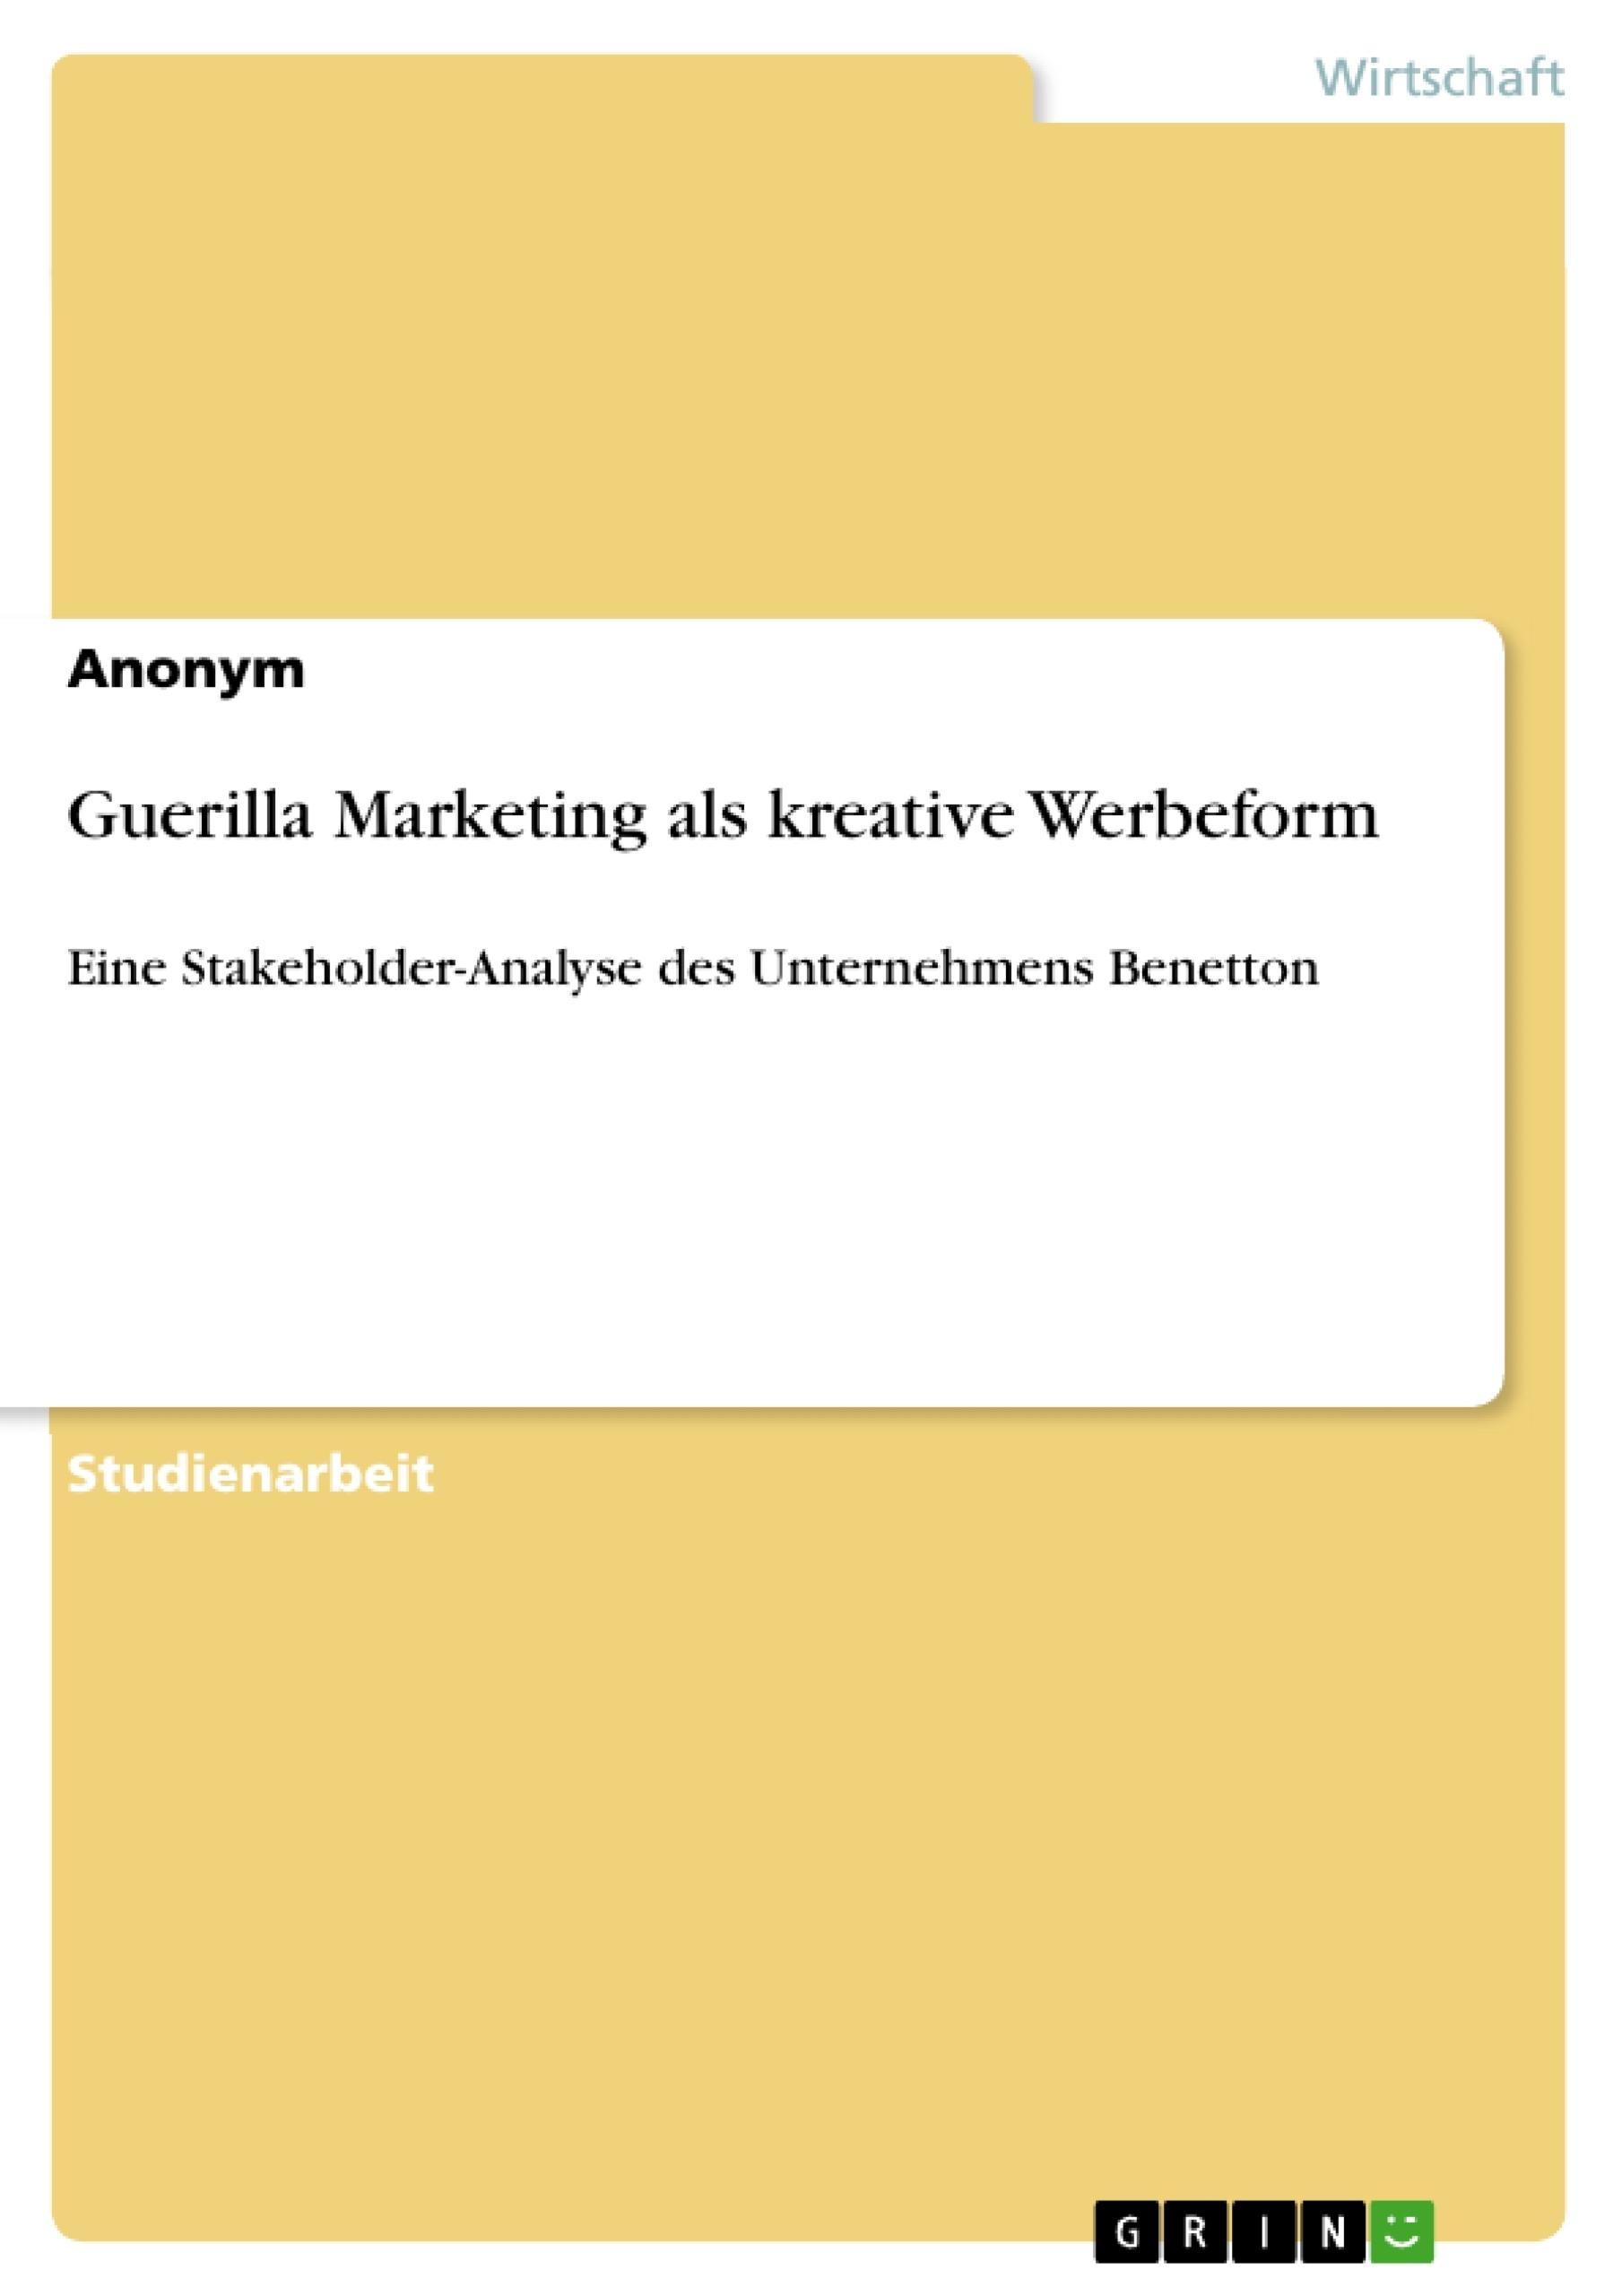 Titel: Guerilla Marketing als kreative Werbeform